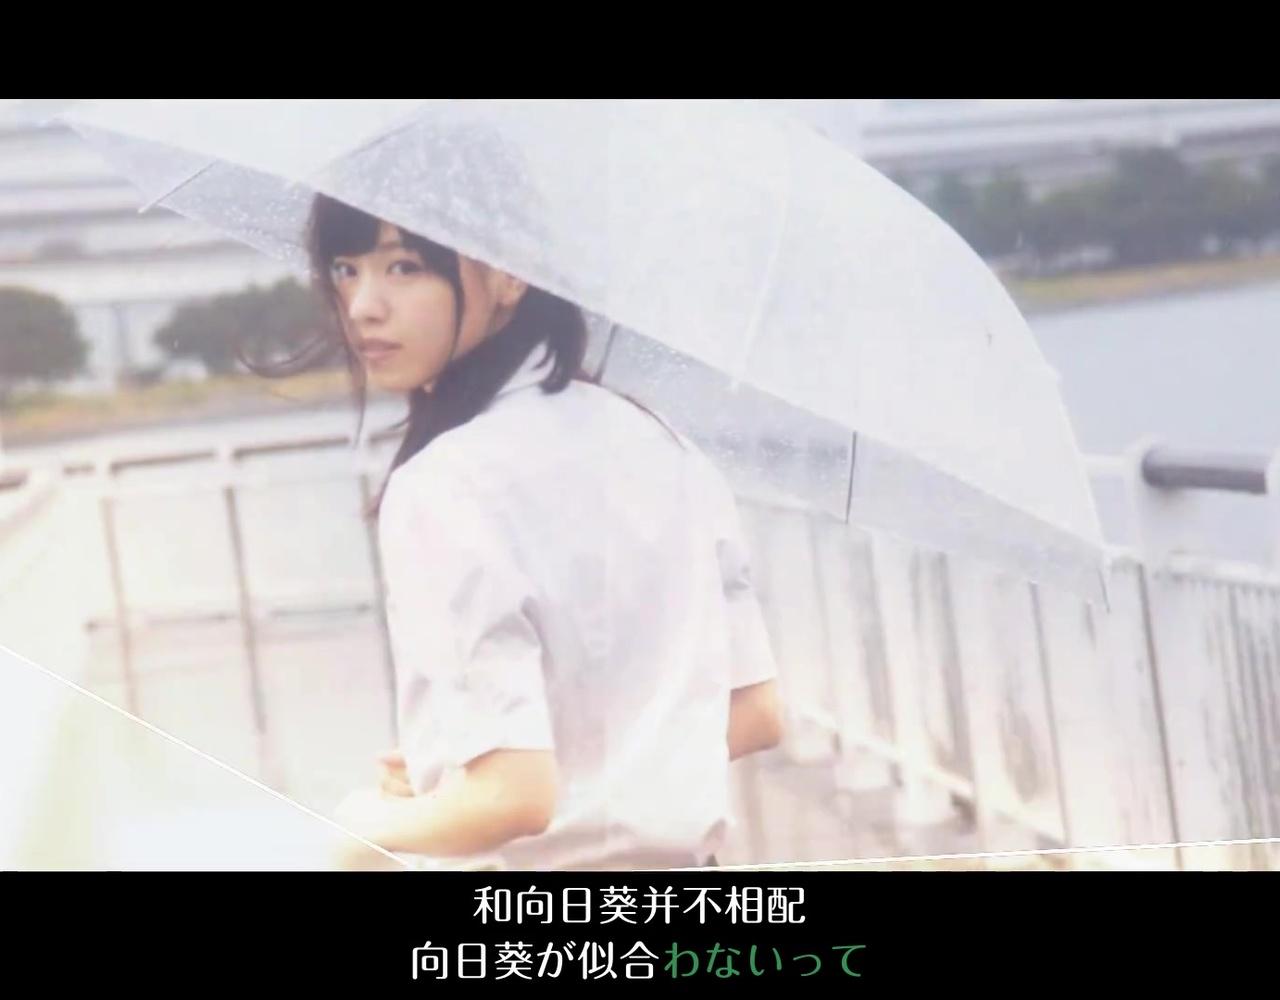 【无敌替身豆一样】西野七瀬-光合成希望